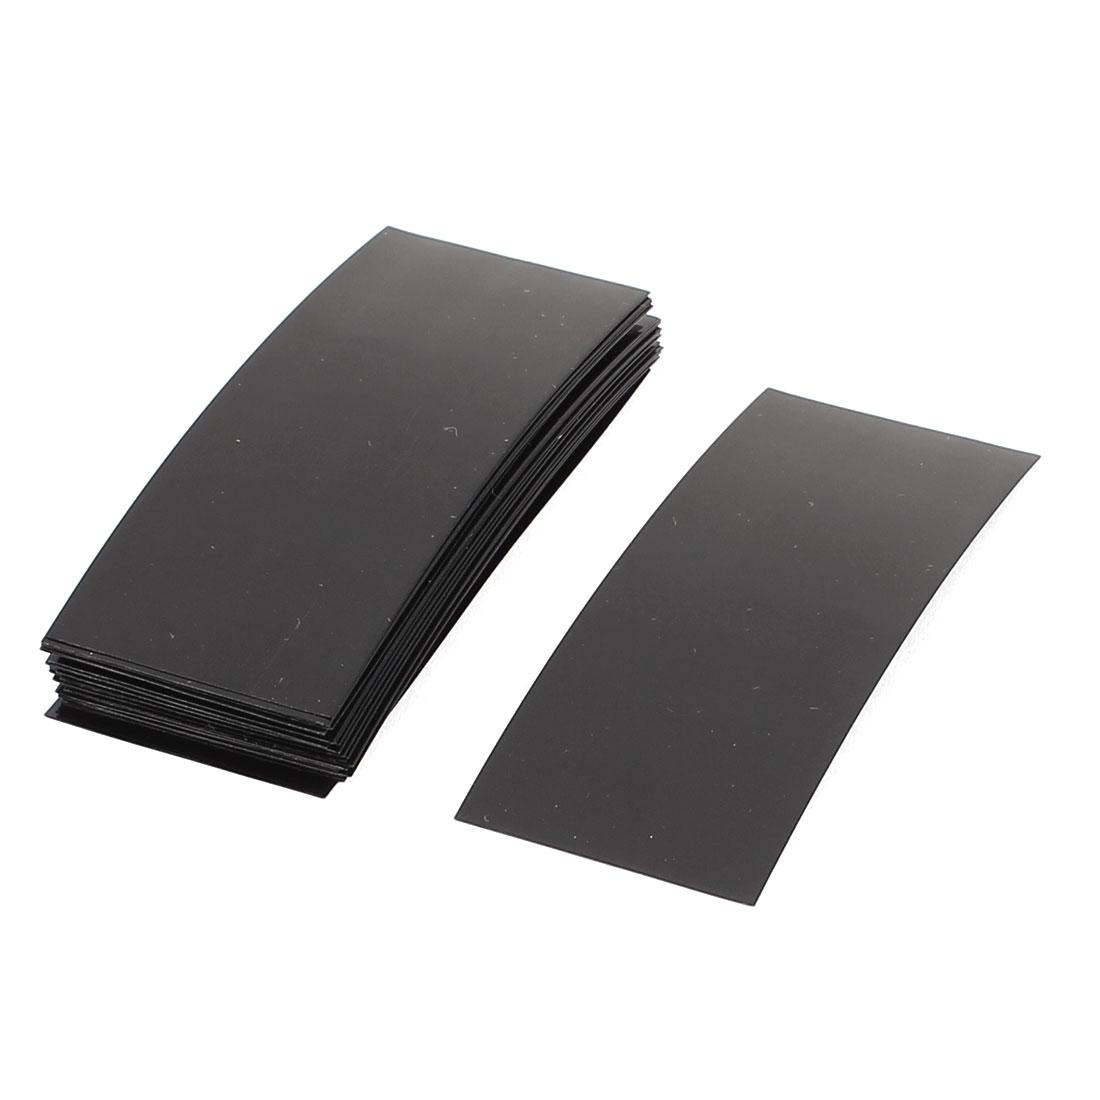 30pcs 72mm x 18.5mm PVC Heat Shrink Tubing Black for 1 x 18650 Battery